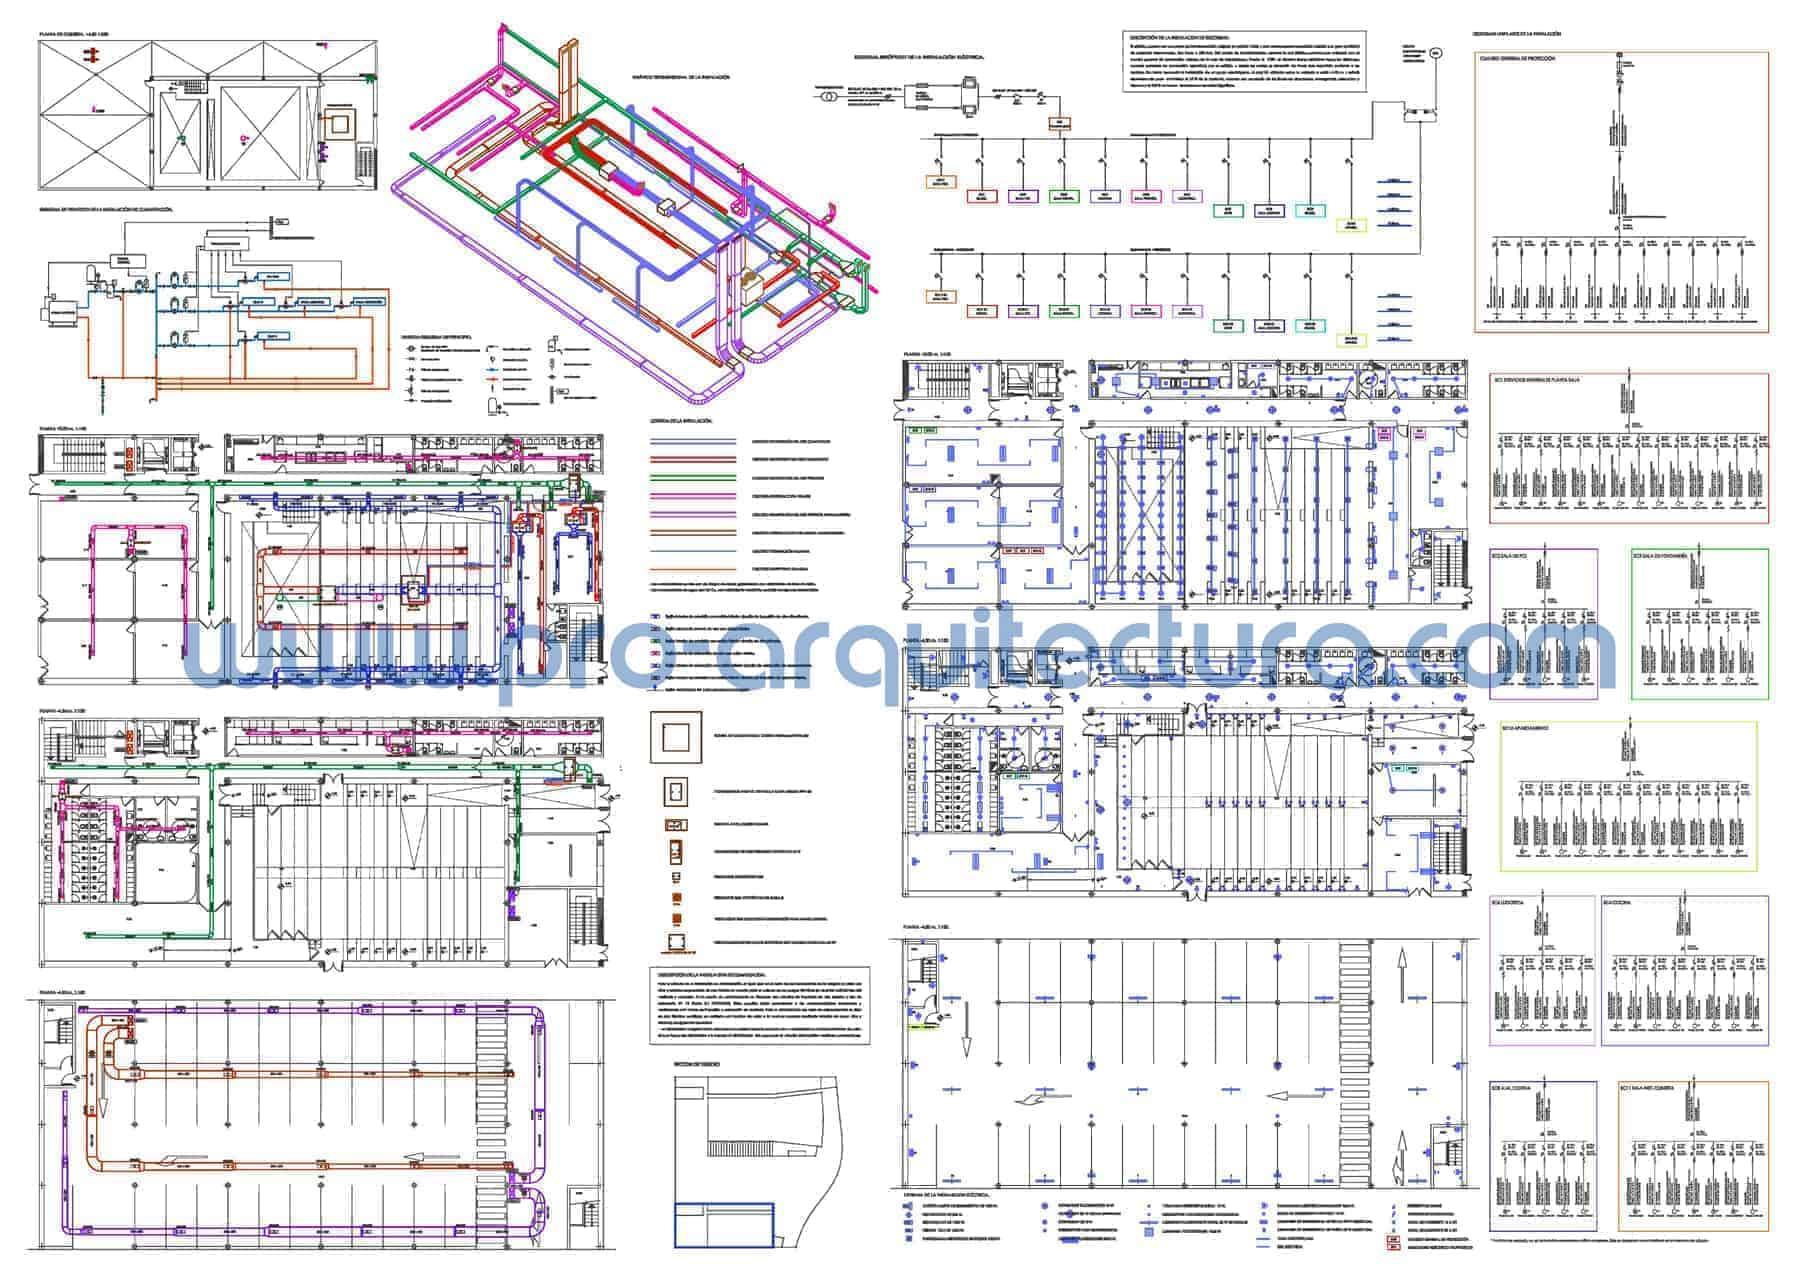 0028-01 Teatro-Auditorio. Planos de instalaciones de climatización y electricidad. Tu ayuda con la entrega del pfc pfg tfg tfm de arquitectura.